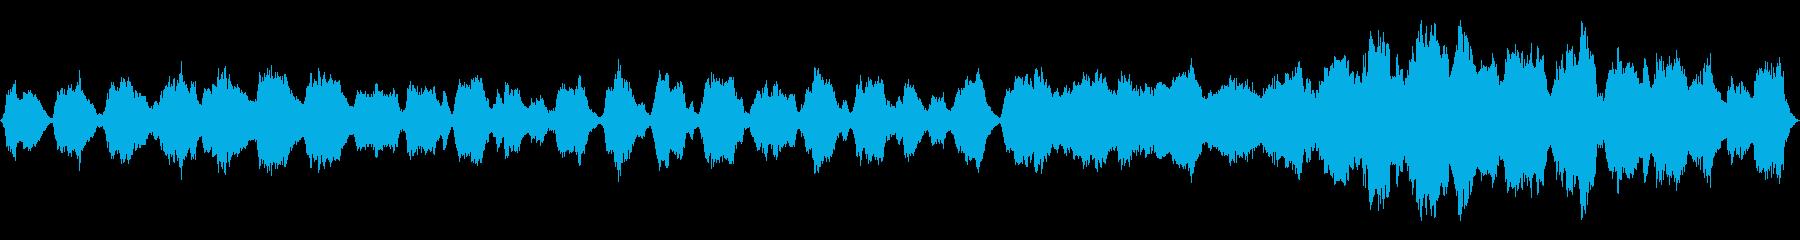 ヨーロッパの民族音楽風のBGMです。の再生済みの波形